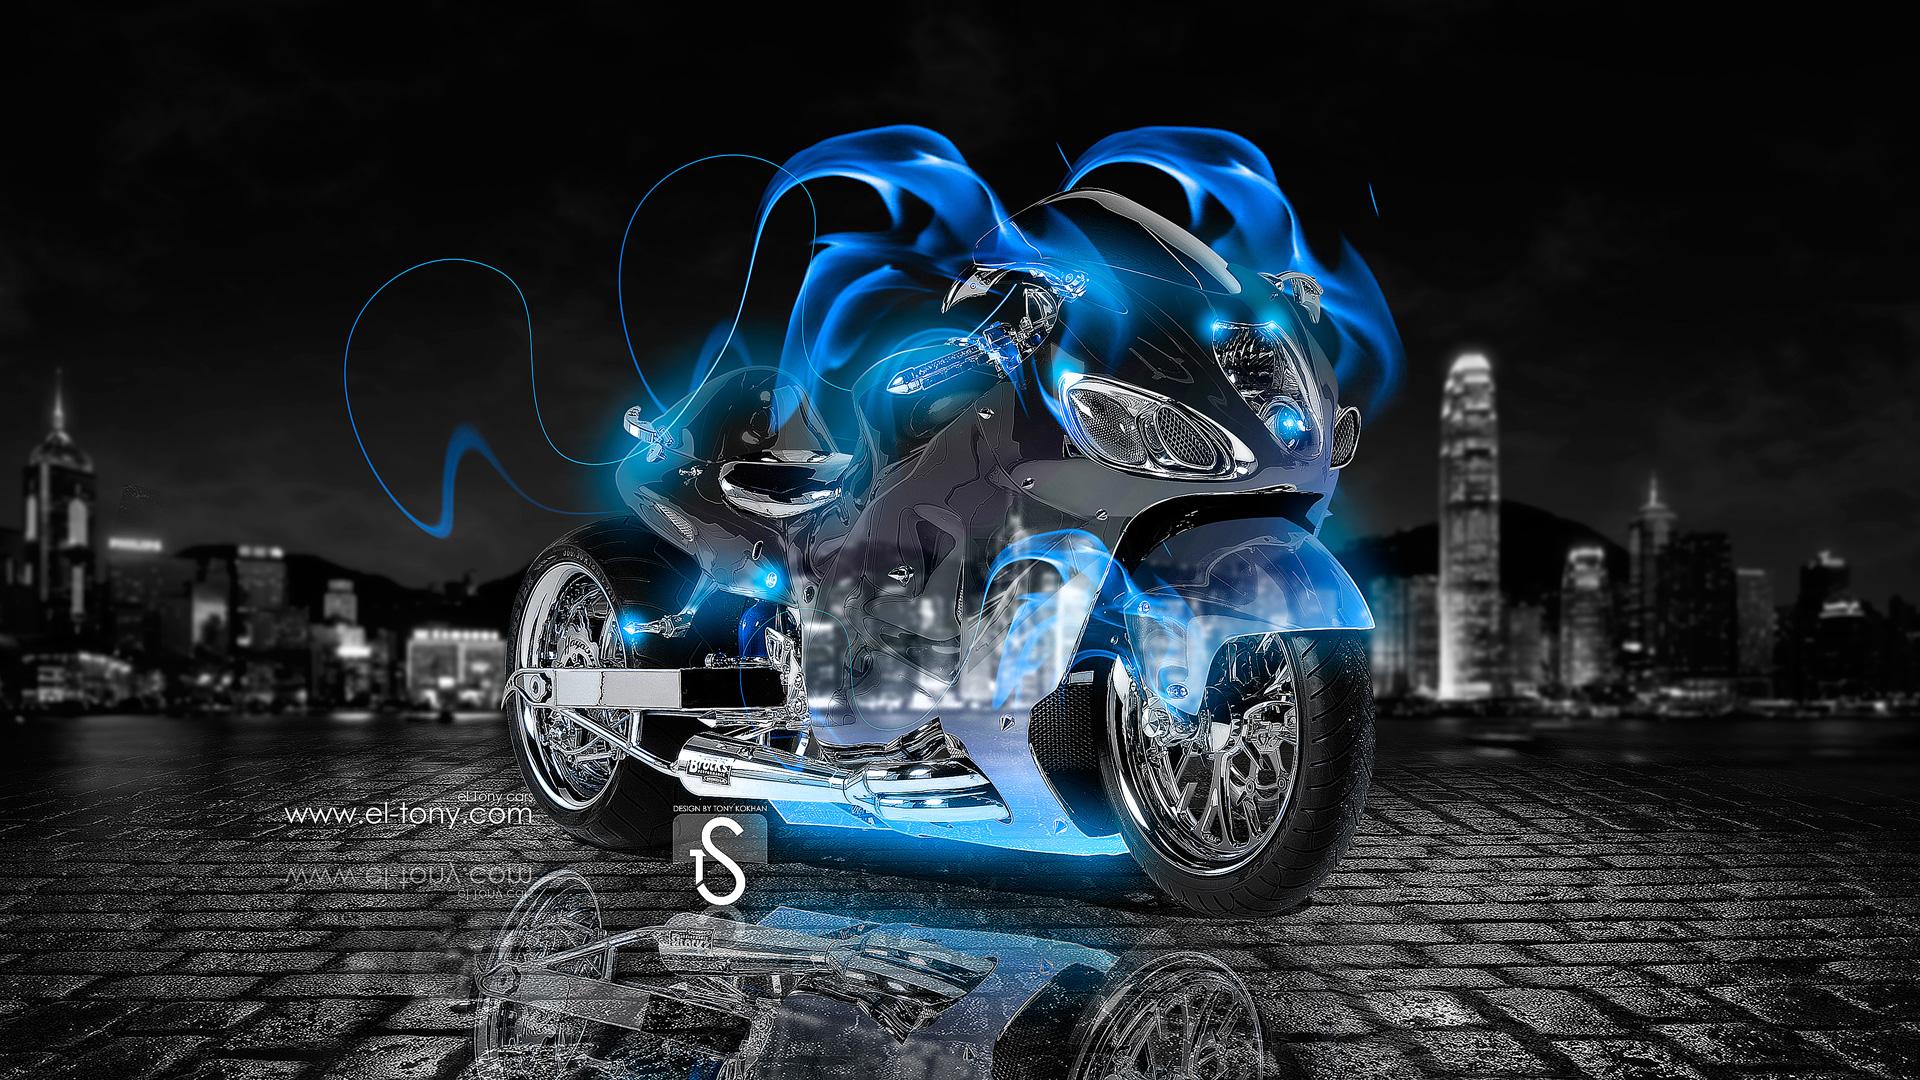 Suzuki в неоновой подсветке  № 3430422 загрузить